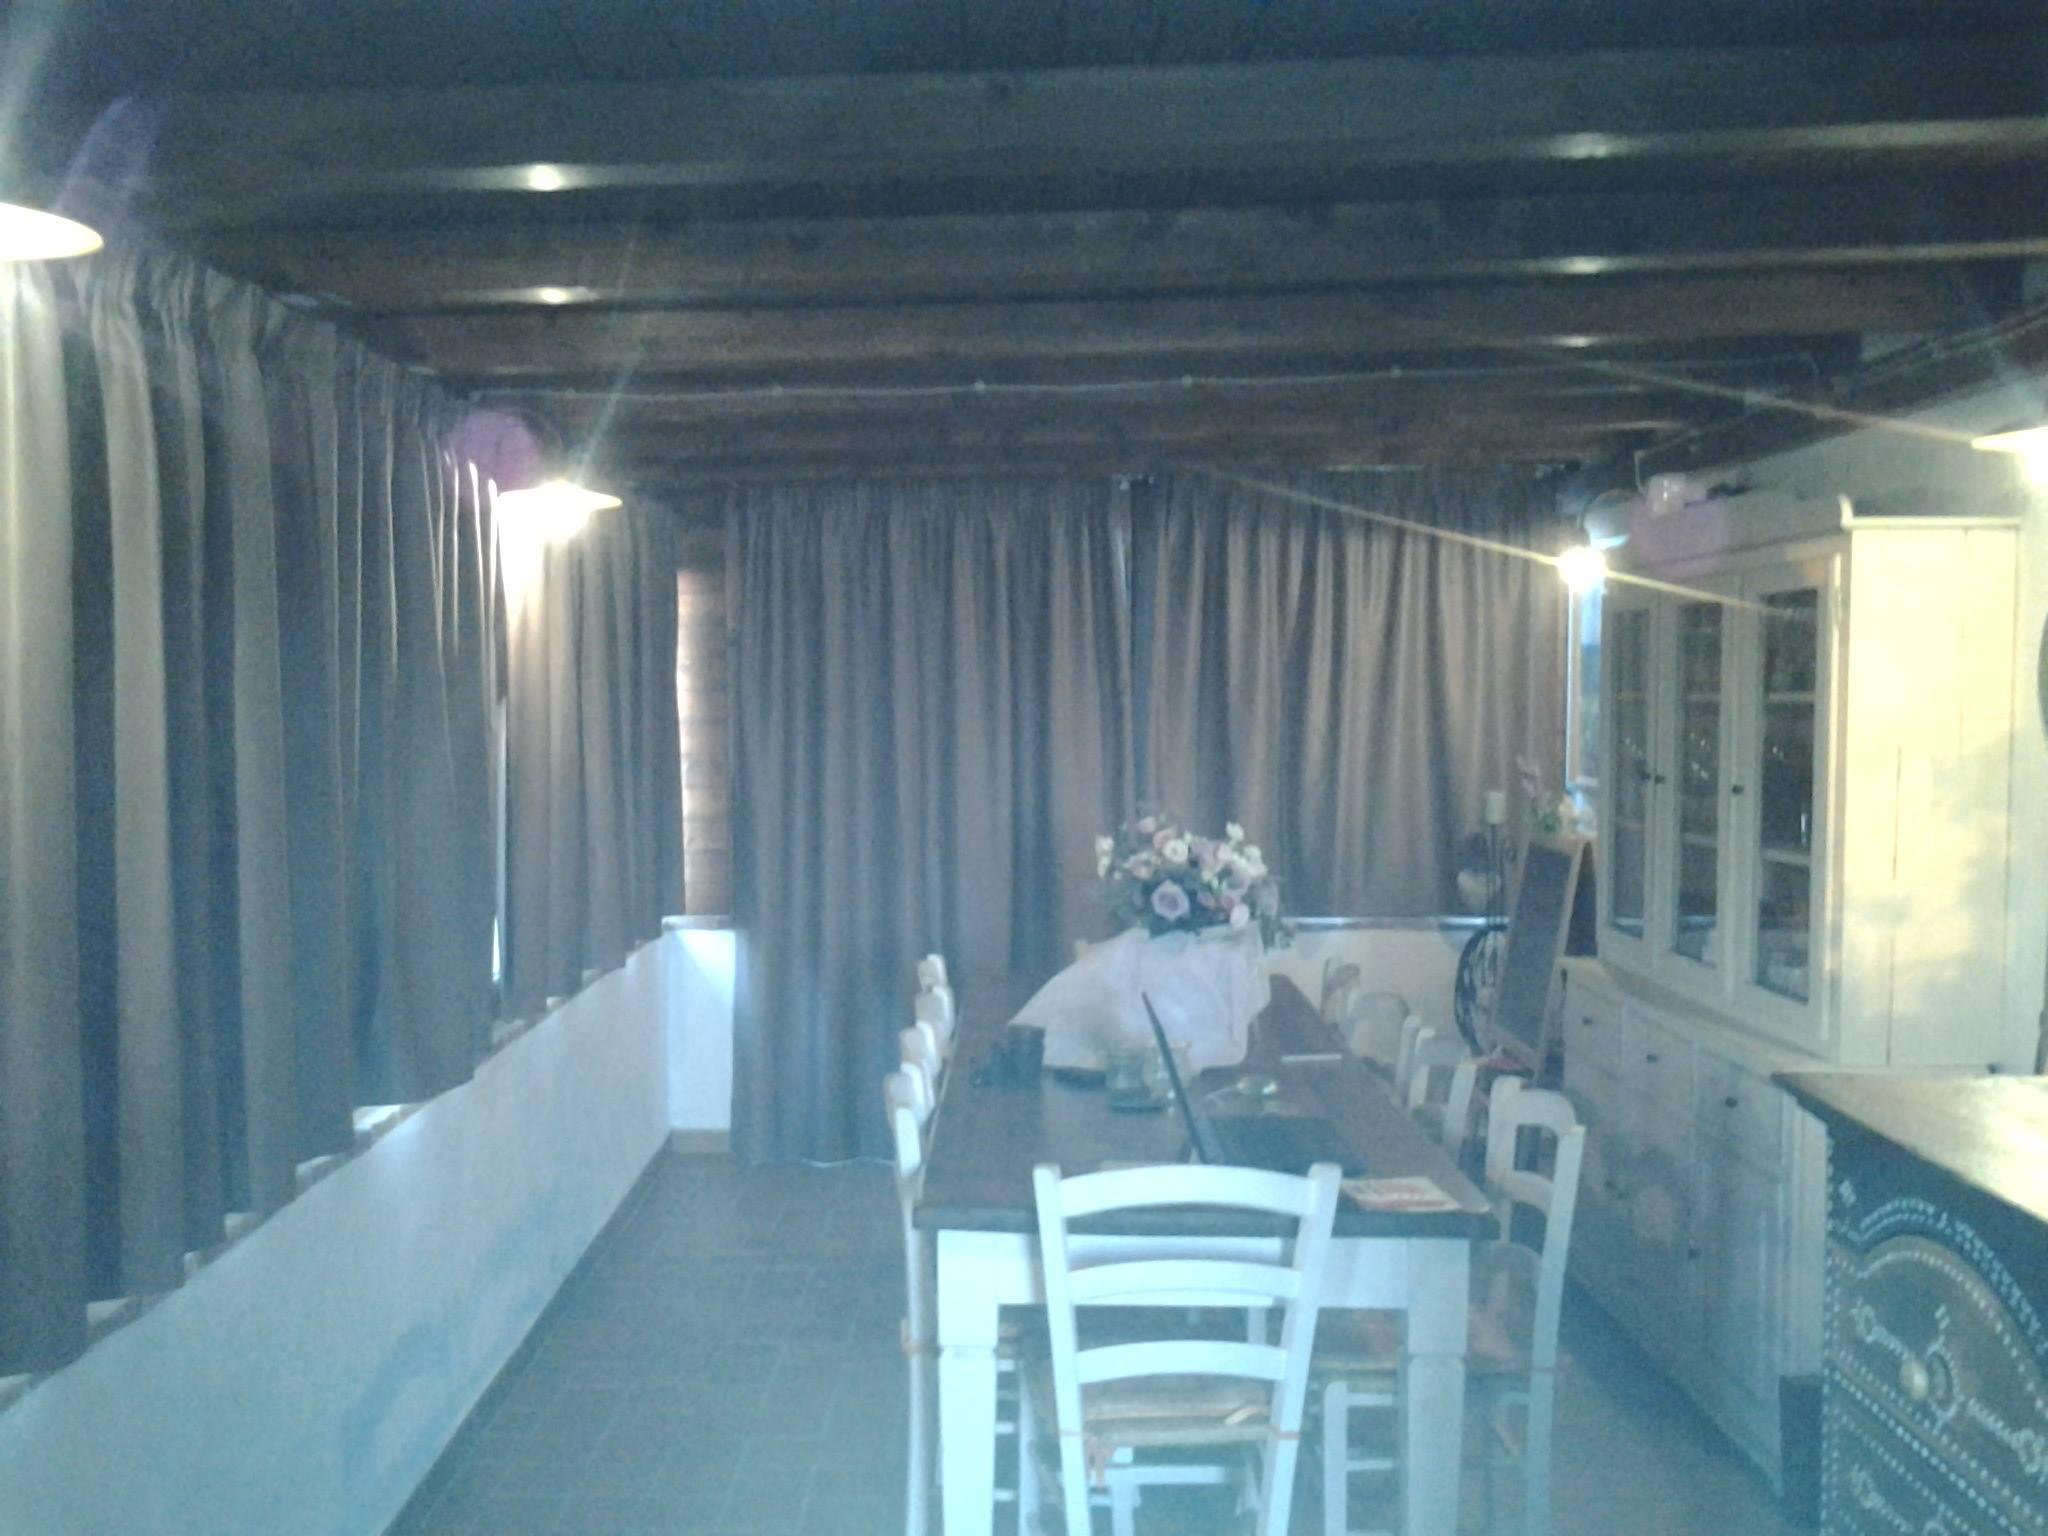 Bastone Per Tenda Vasca Da Bagno Angolare : Tende per doccia in tessuto ikea reggitende binari e automatismi